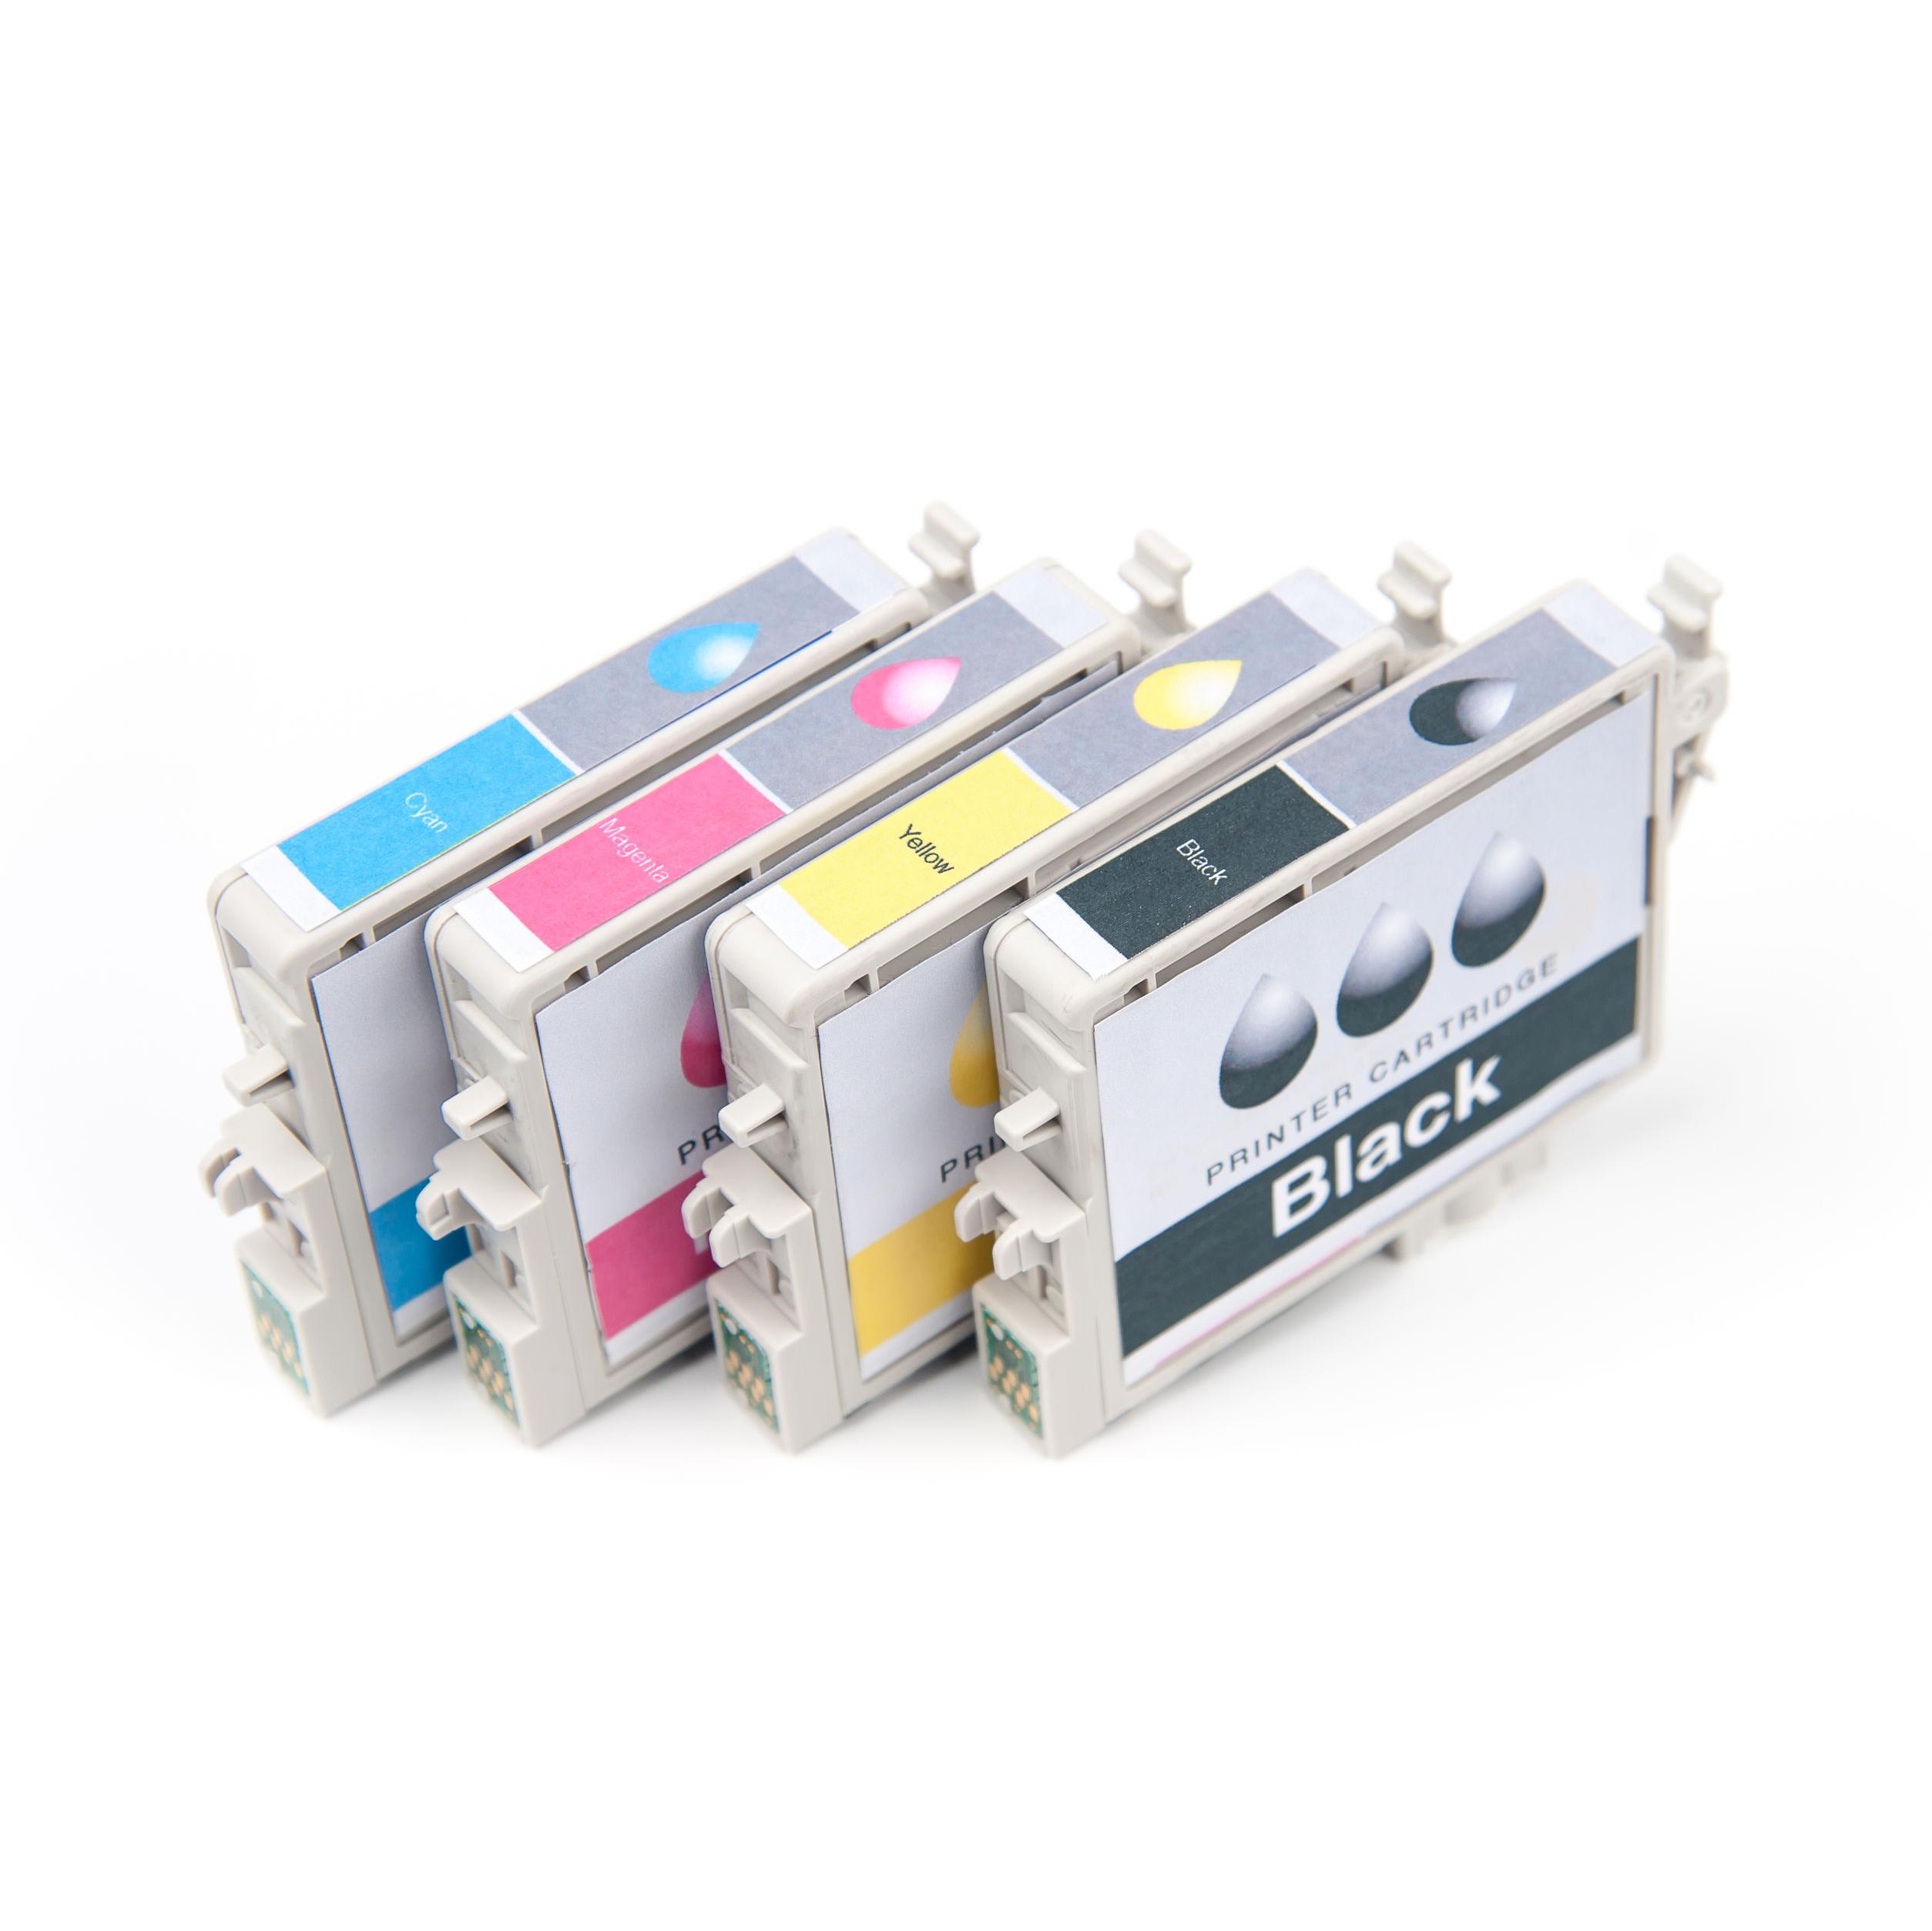 Kompatibel zu Lexmark 18C2140E / NO 37 Druckkopfpatrone color